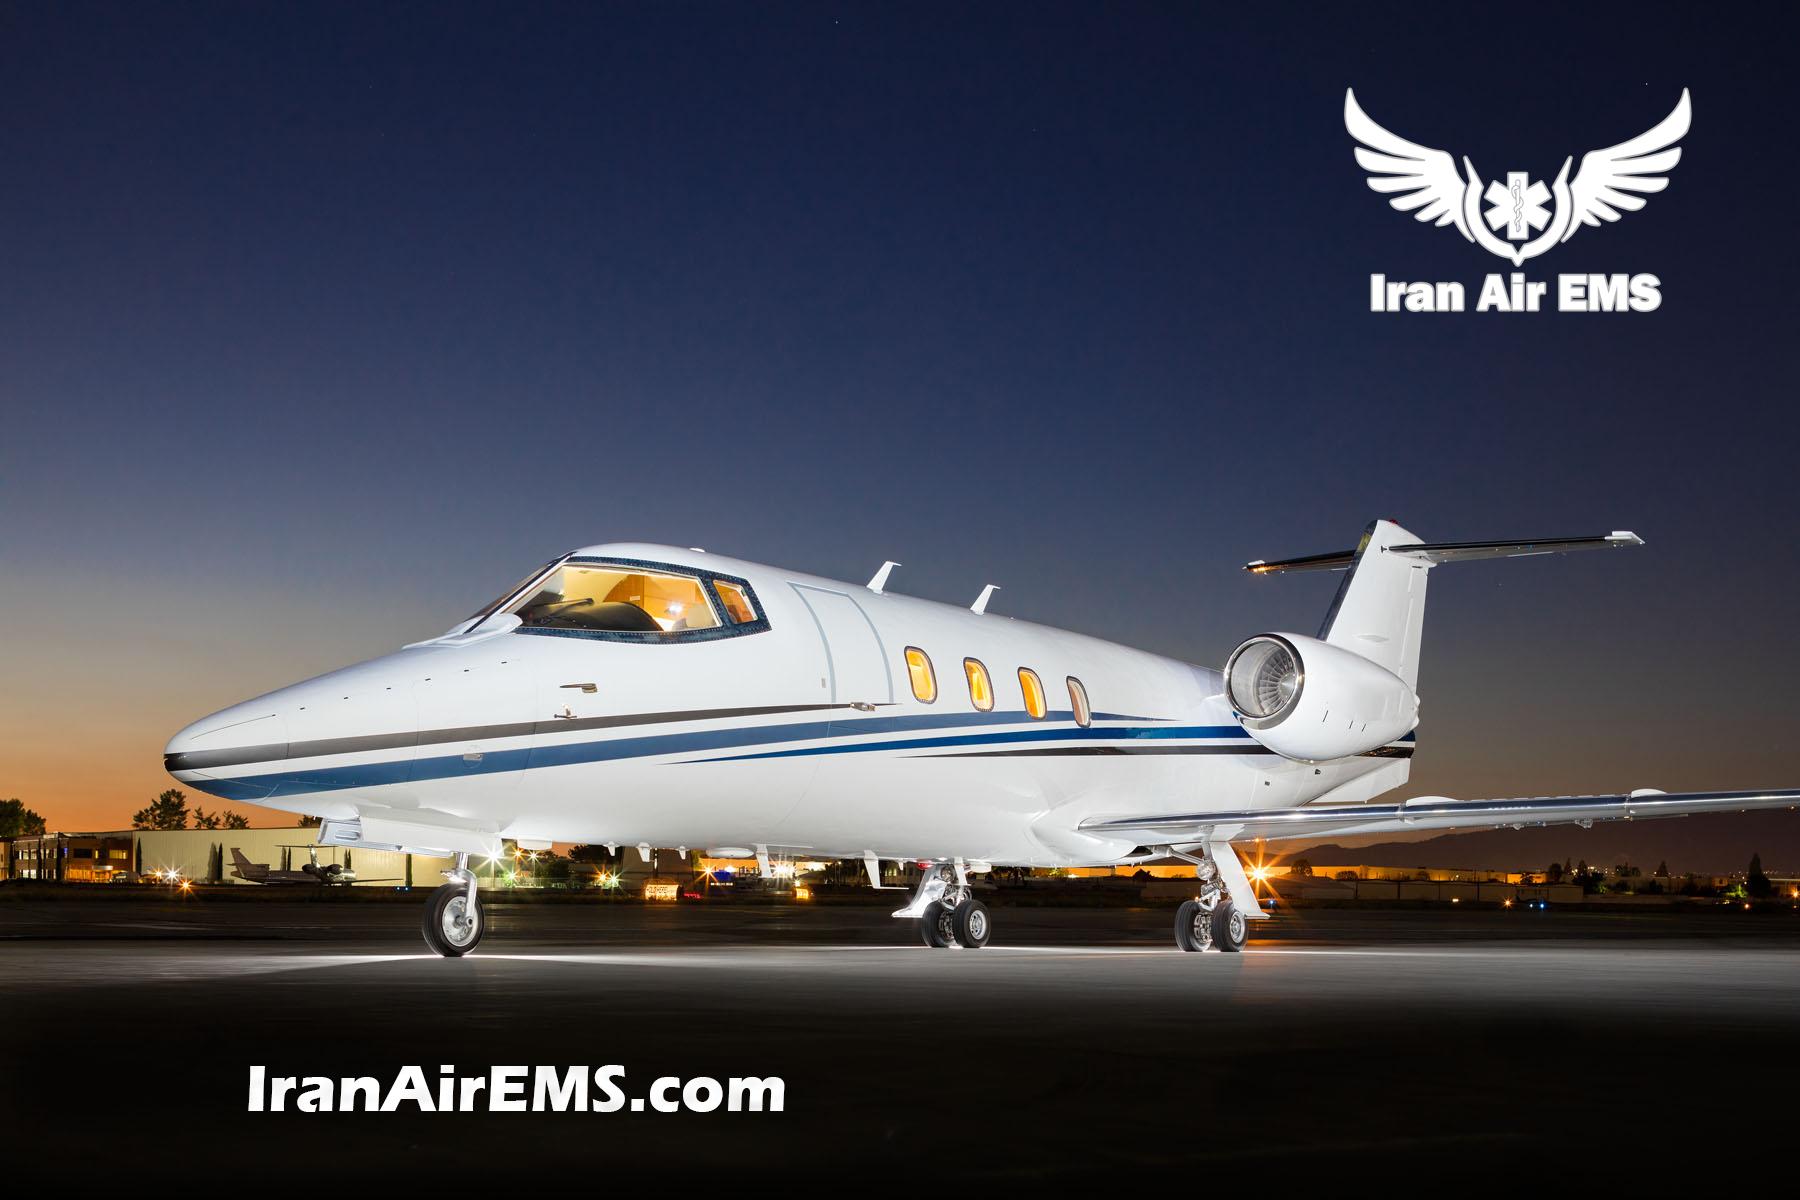 لیرجت جت های لیرجت 55/35/36 – Learjet learjet 55 1 آمبولانس هوایی خانه learjet 55 1